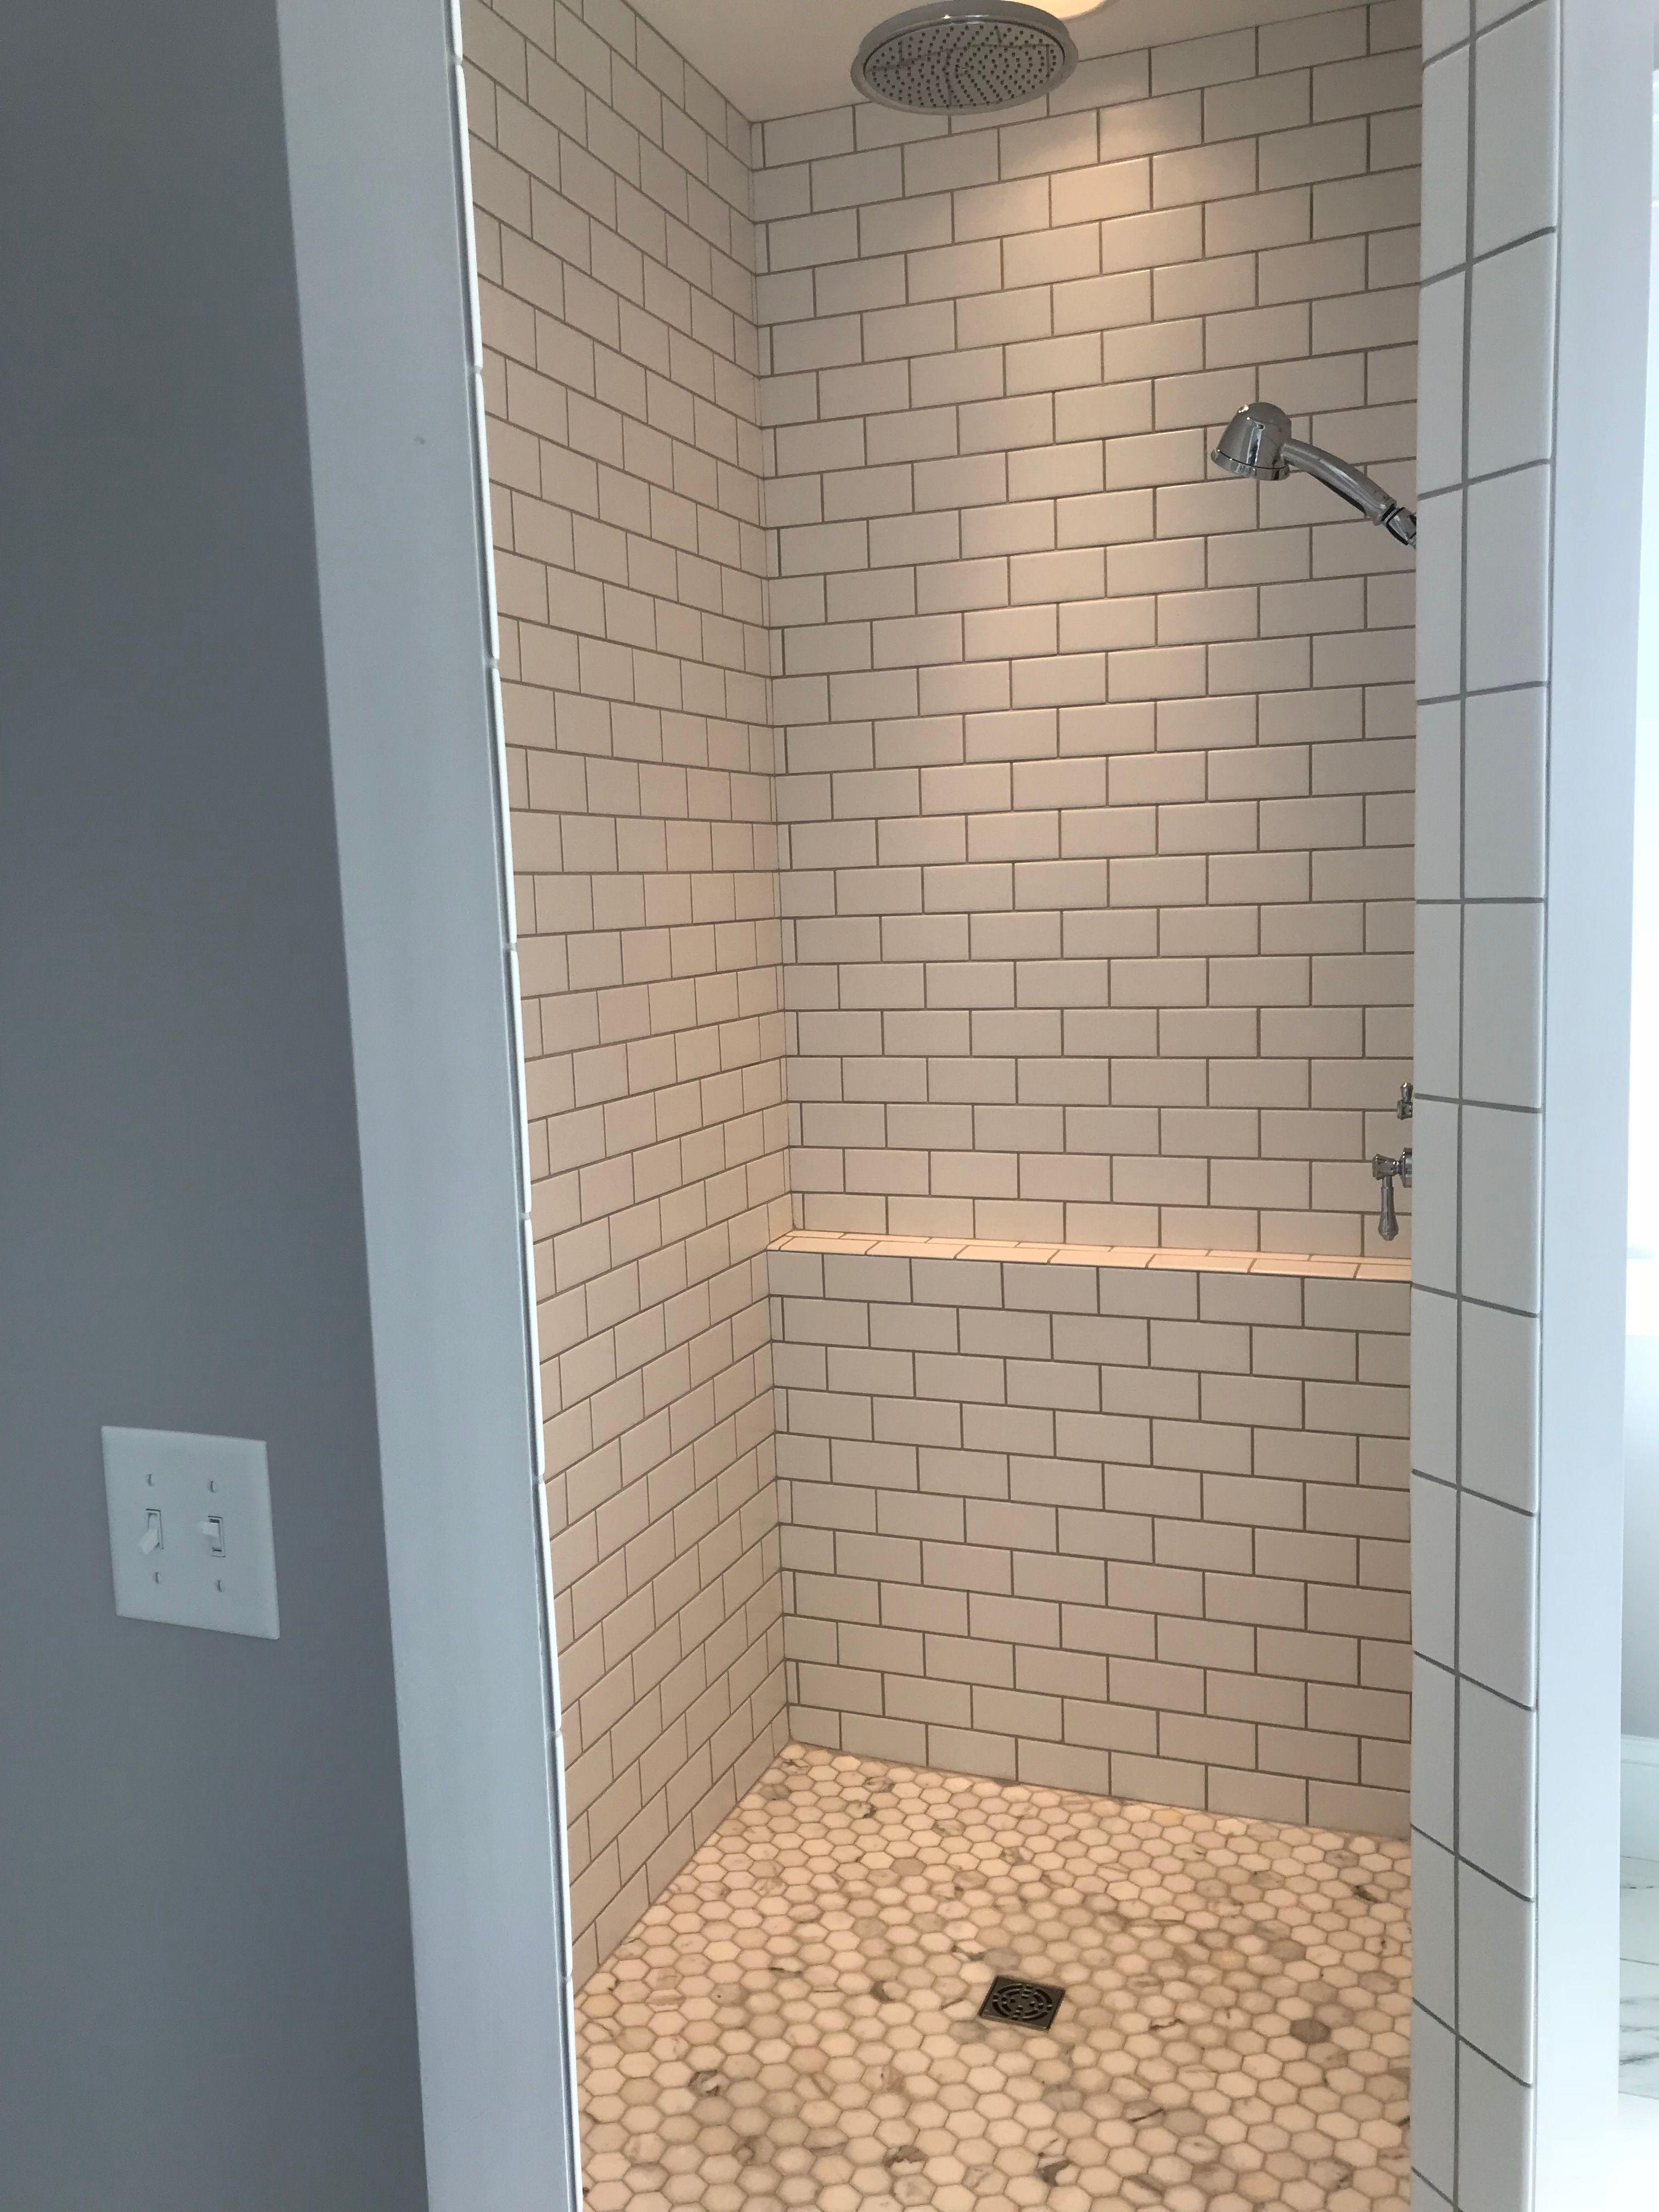 Subway Tile Shower Bathroom Remodel Master Subway Tile Showers Tile Walk In Shower